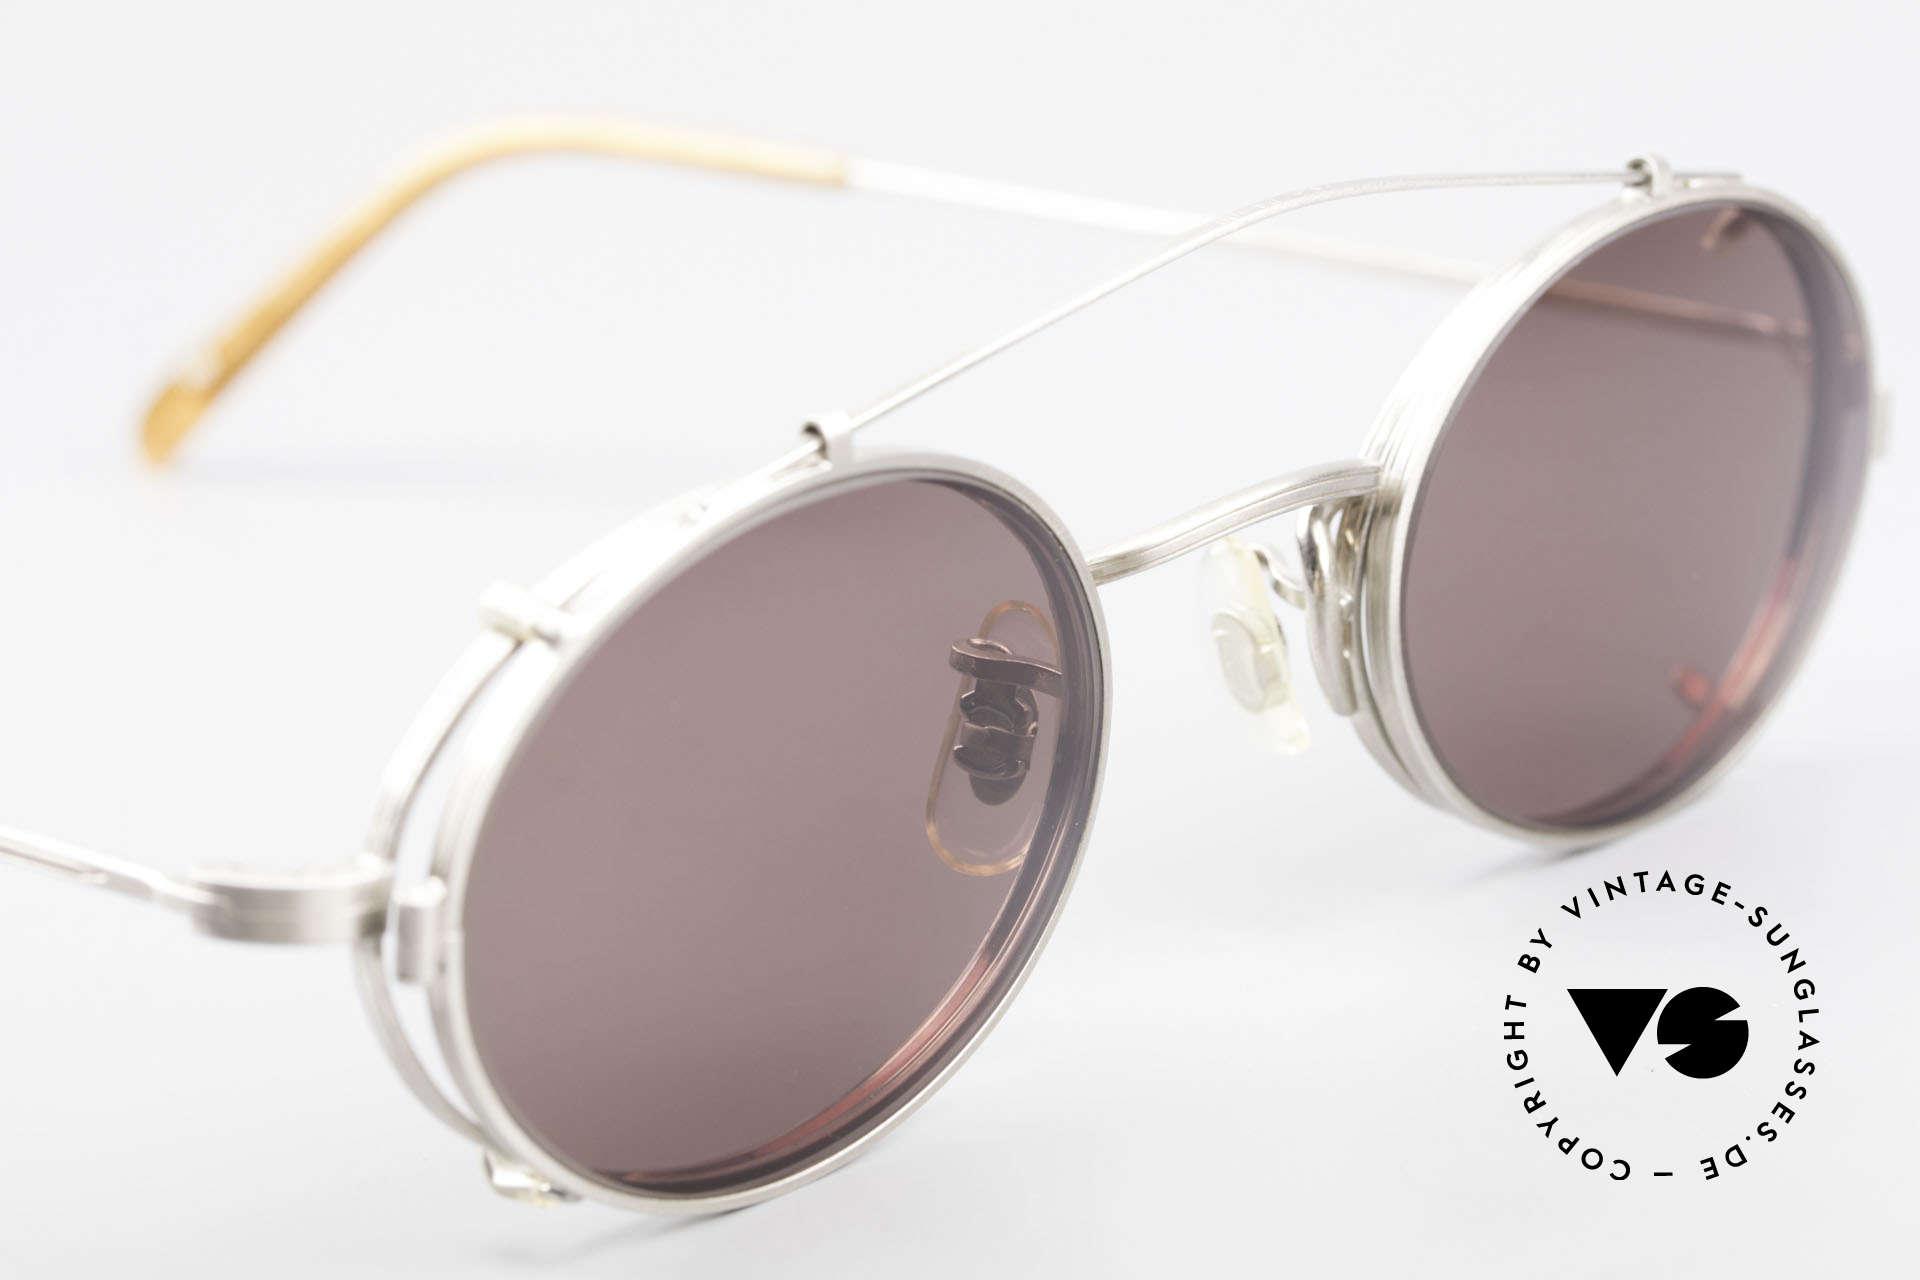 Paul Smith PS100 Ovale Vintage Brille Clip On, ungetragene ovale Fassung mit praktischem Sonnenclip, Passend für Herren und Damen